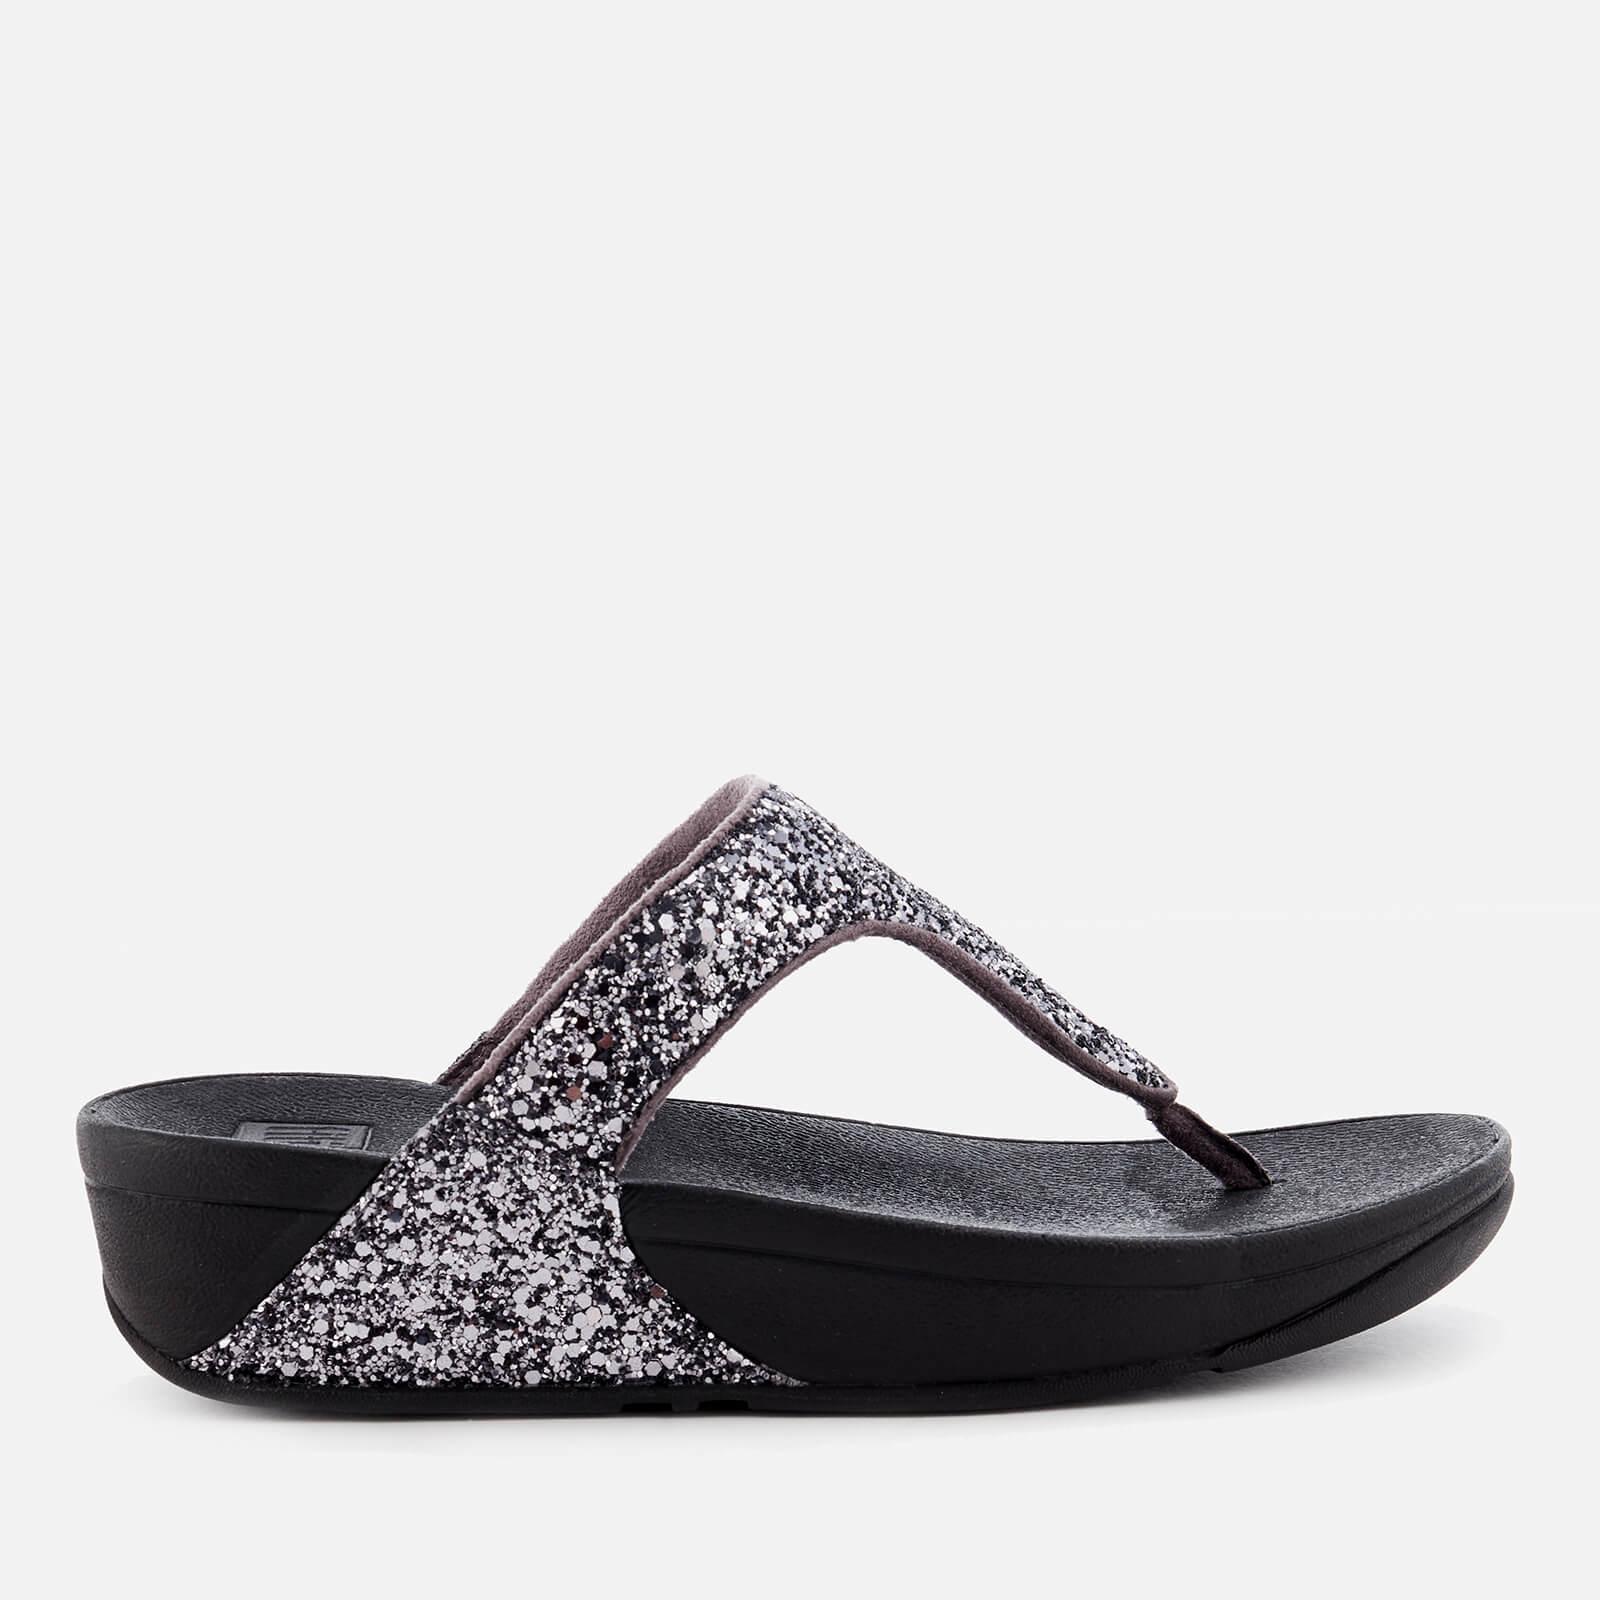 4f43d9b430f9a6 FitFlop Women s Glitterball Toe Post Sandals - Pewter